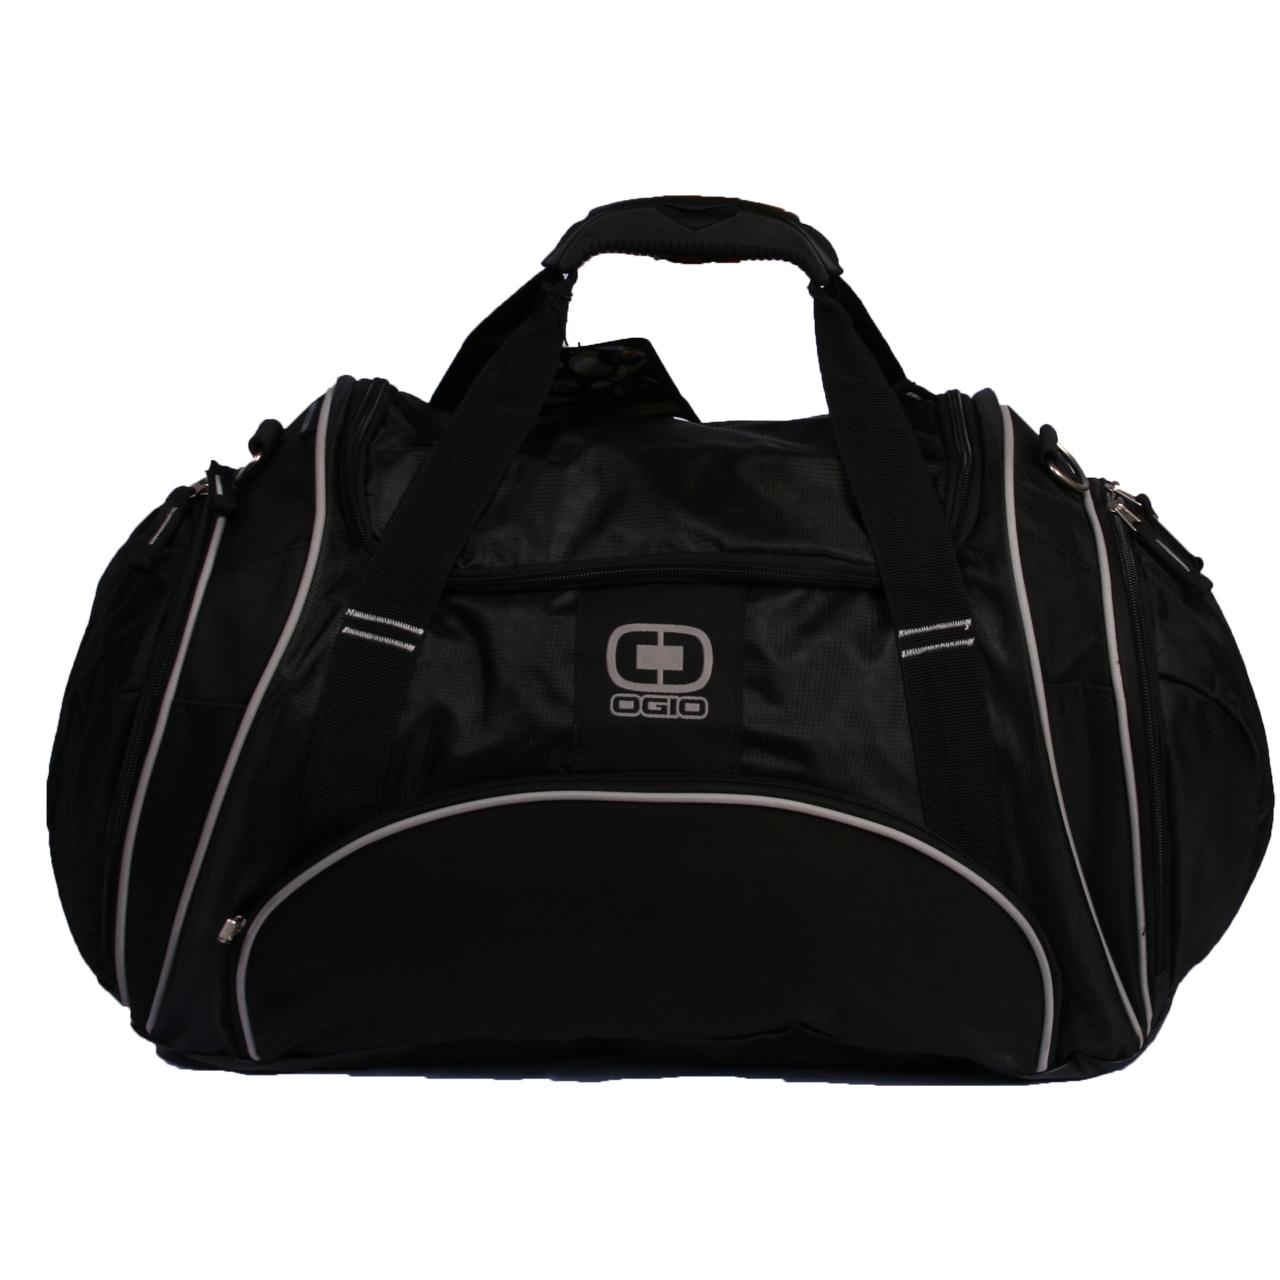 ساک ورزشی OGIO مدل BIG DOME BLACK.03